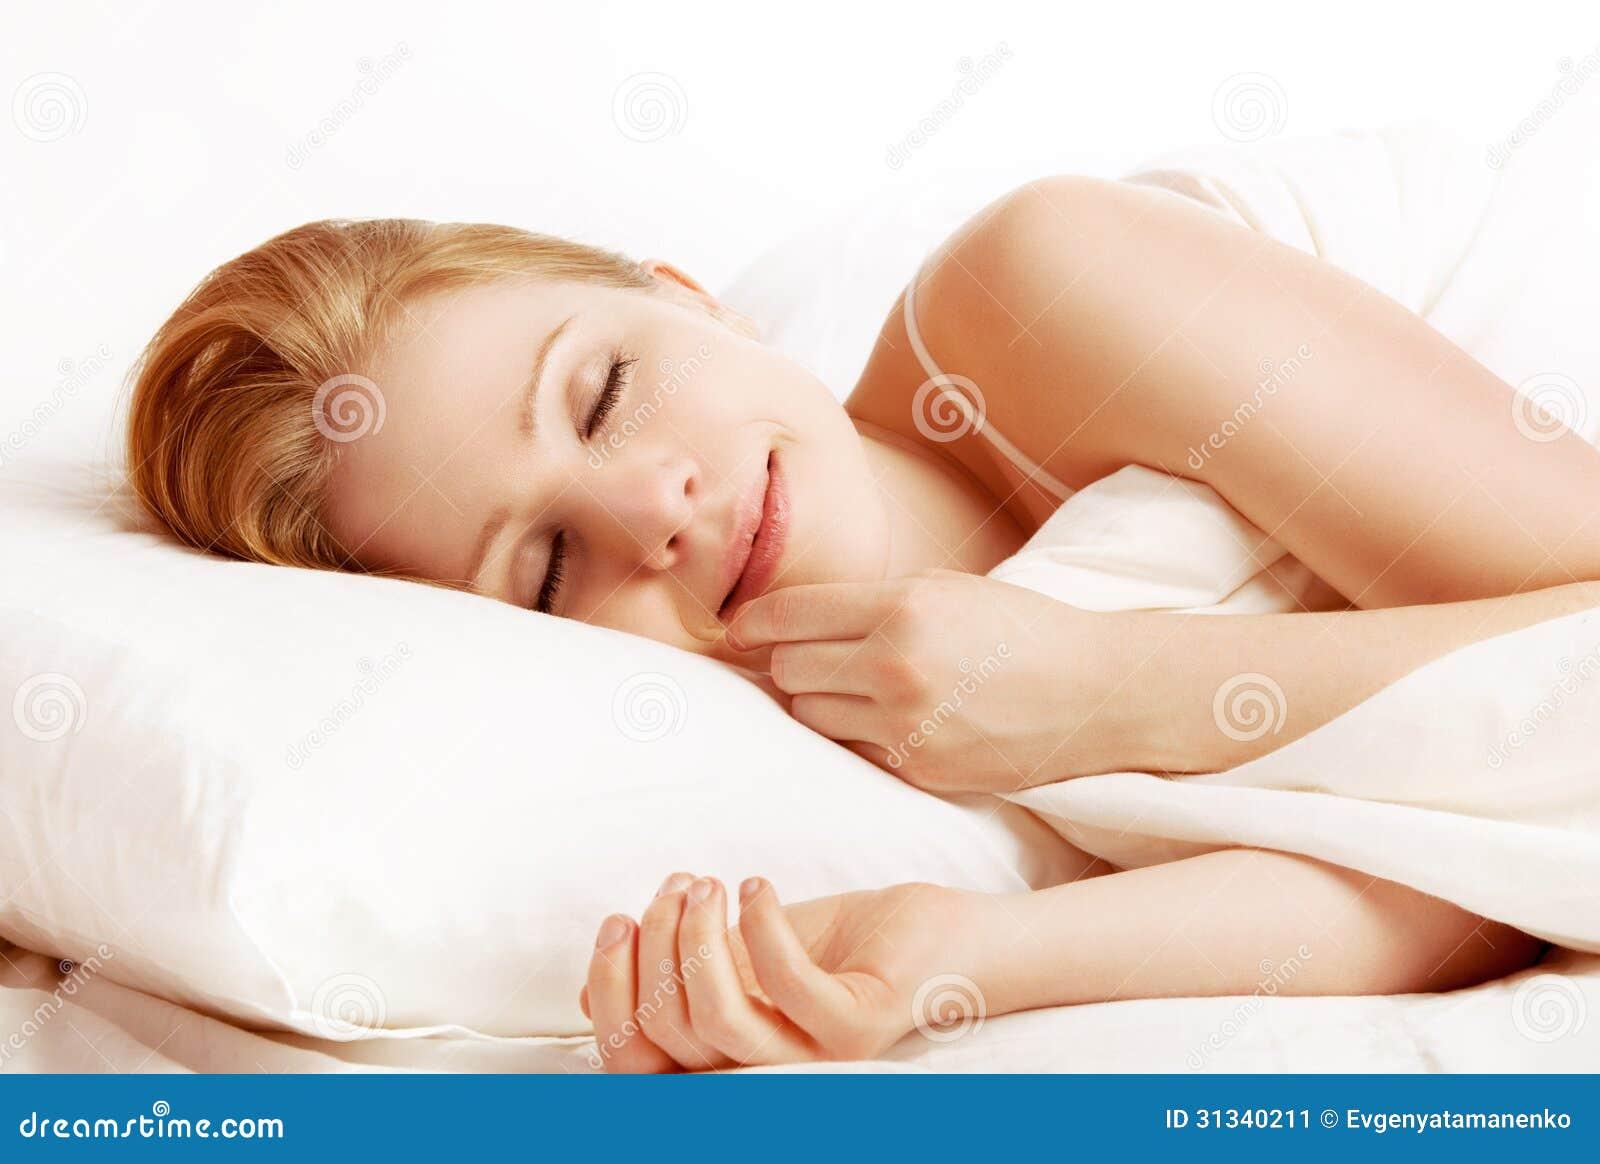 El dormir y sonrisas hermosos de la mujer en el suyo sueño en cama